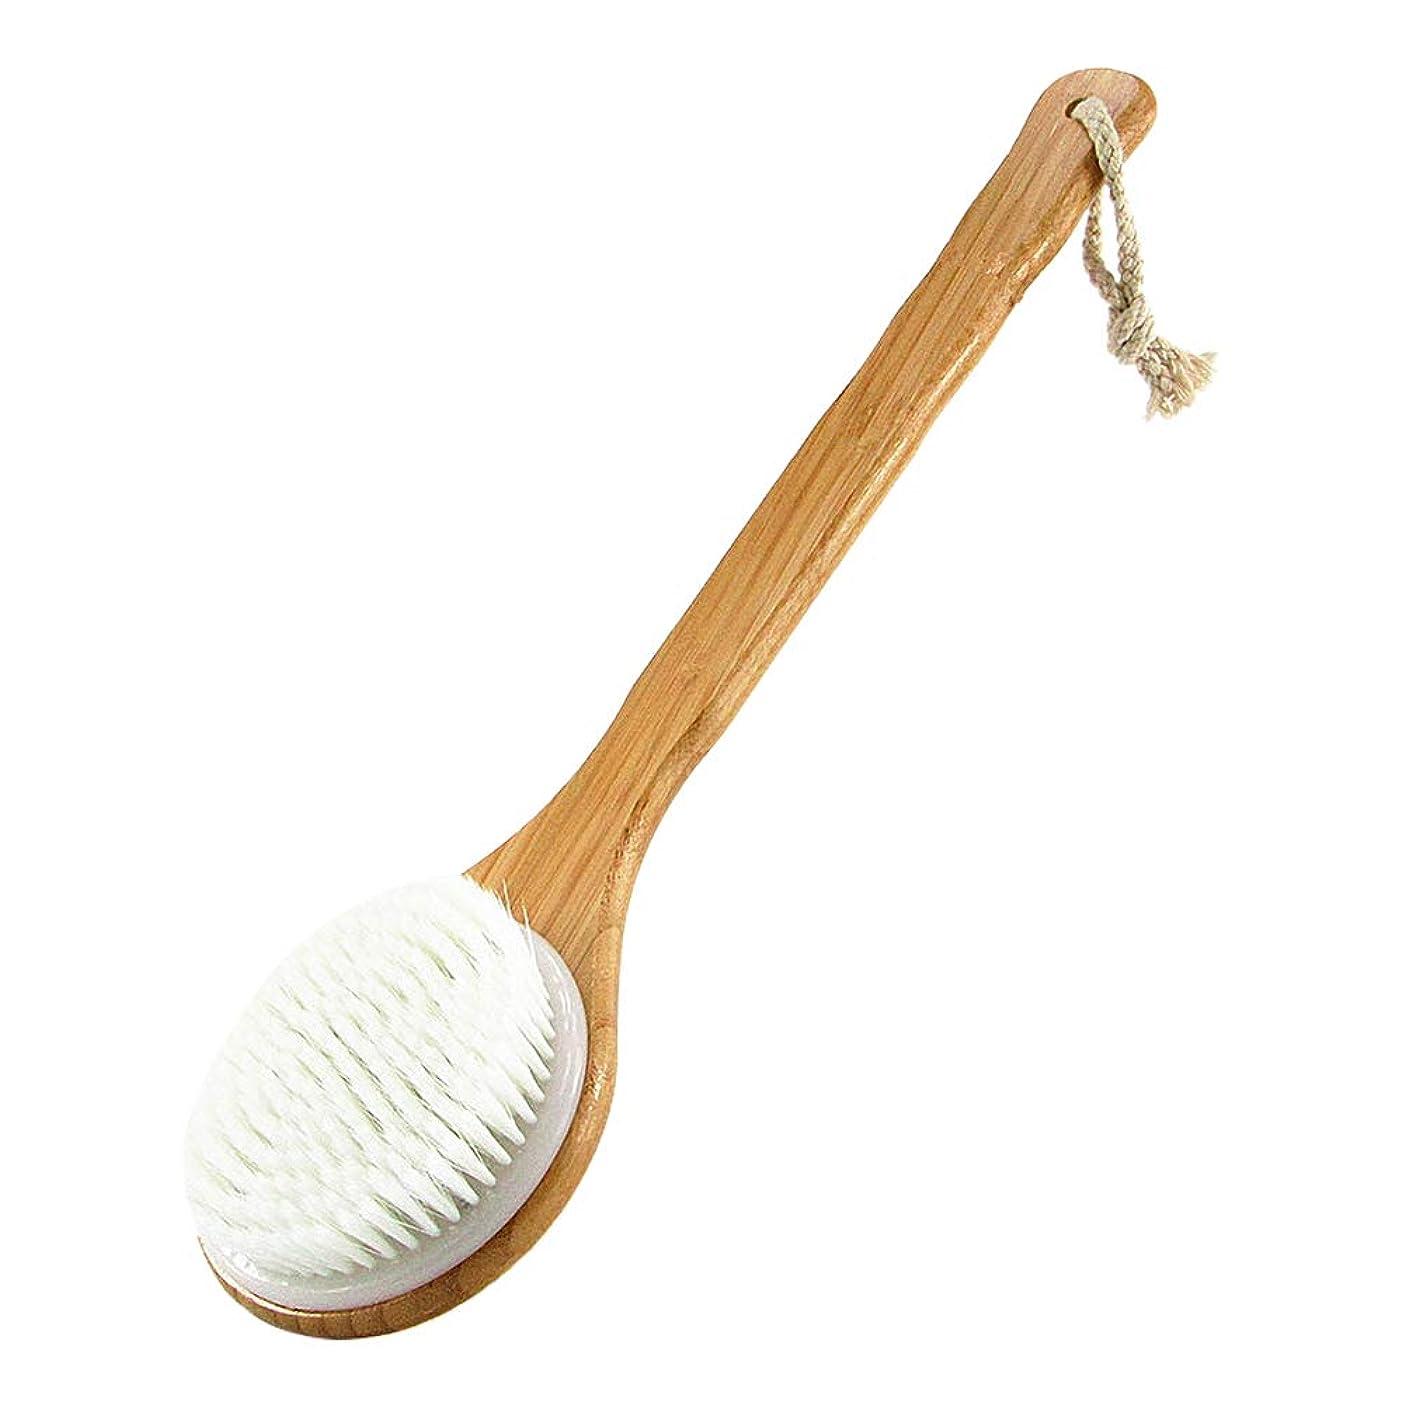 大事にする罰住所JUEJI シャワーブラシ 背中ブラシ 長柄滑り止め ブラシ 角質除去 体洗いブラシ お風呂用